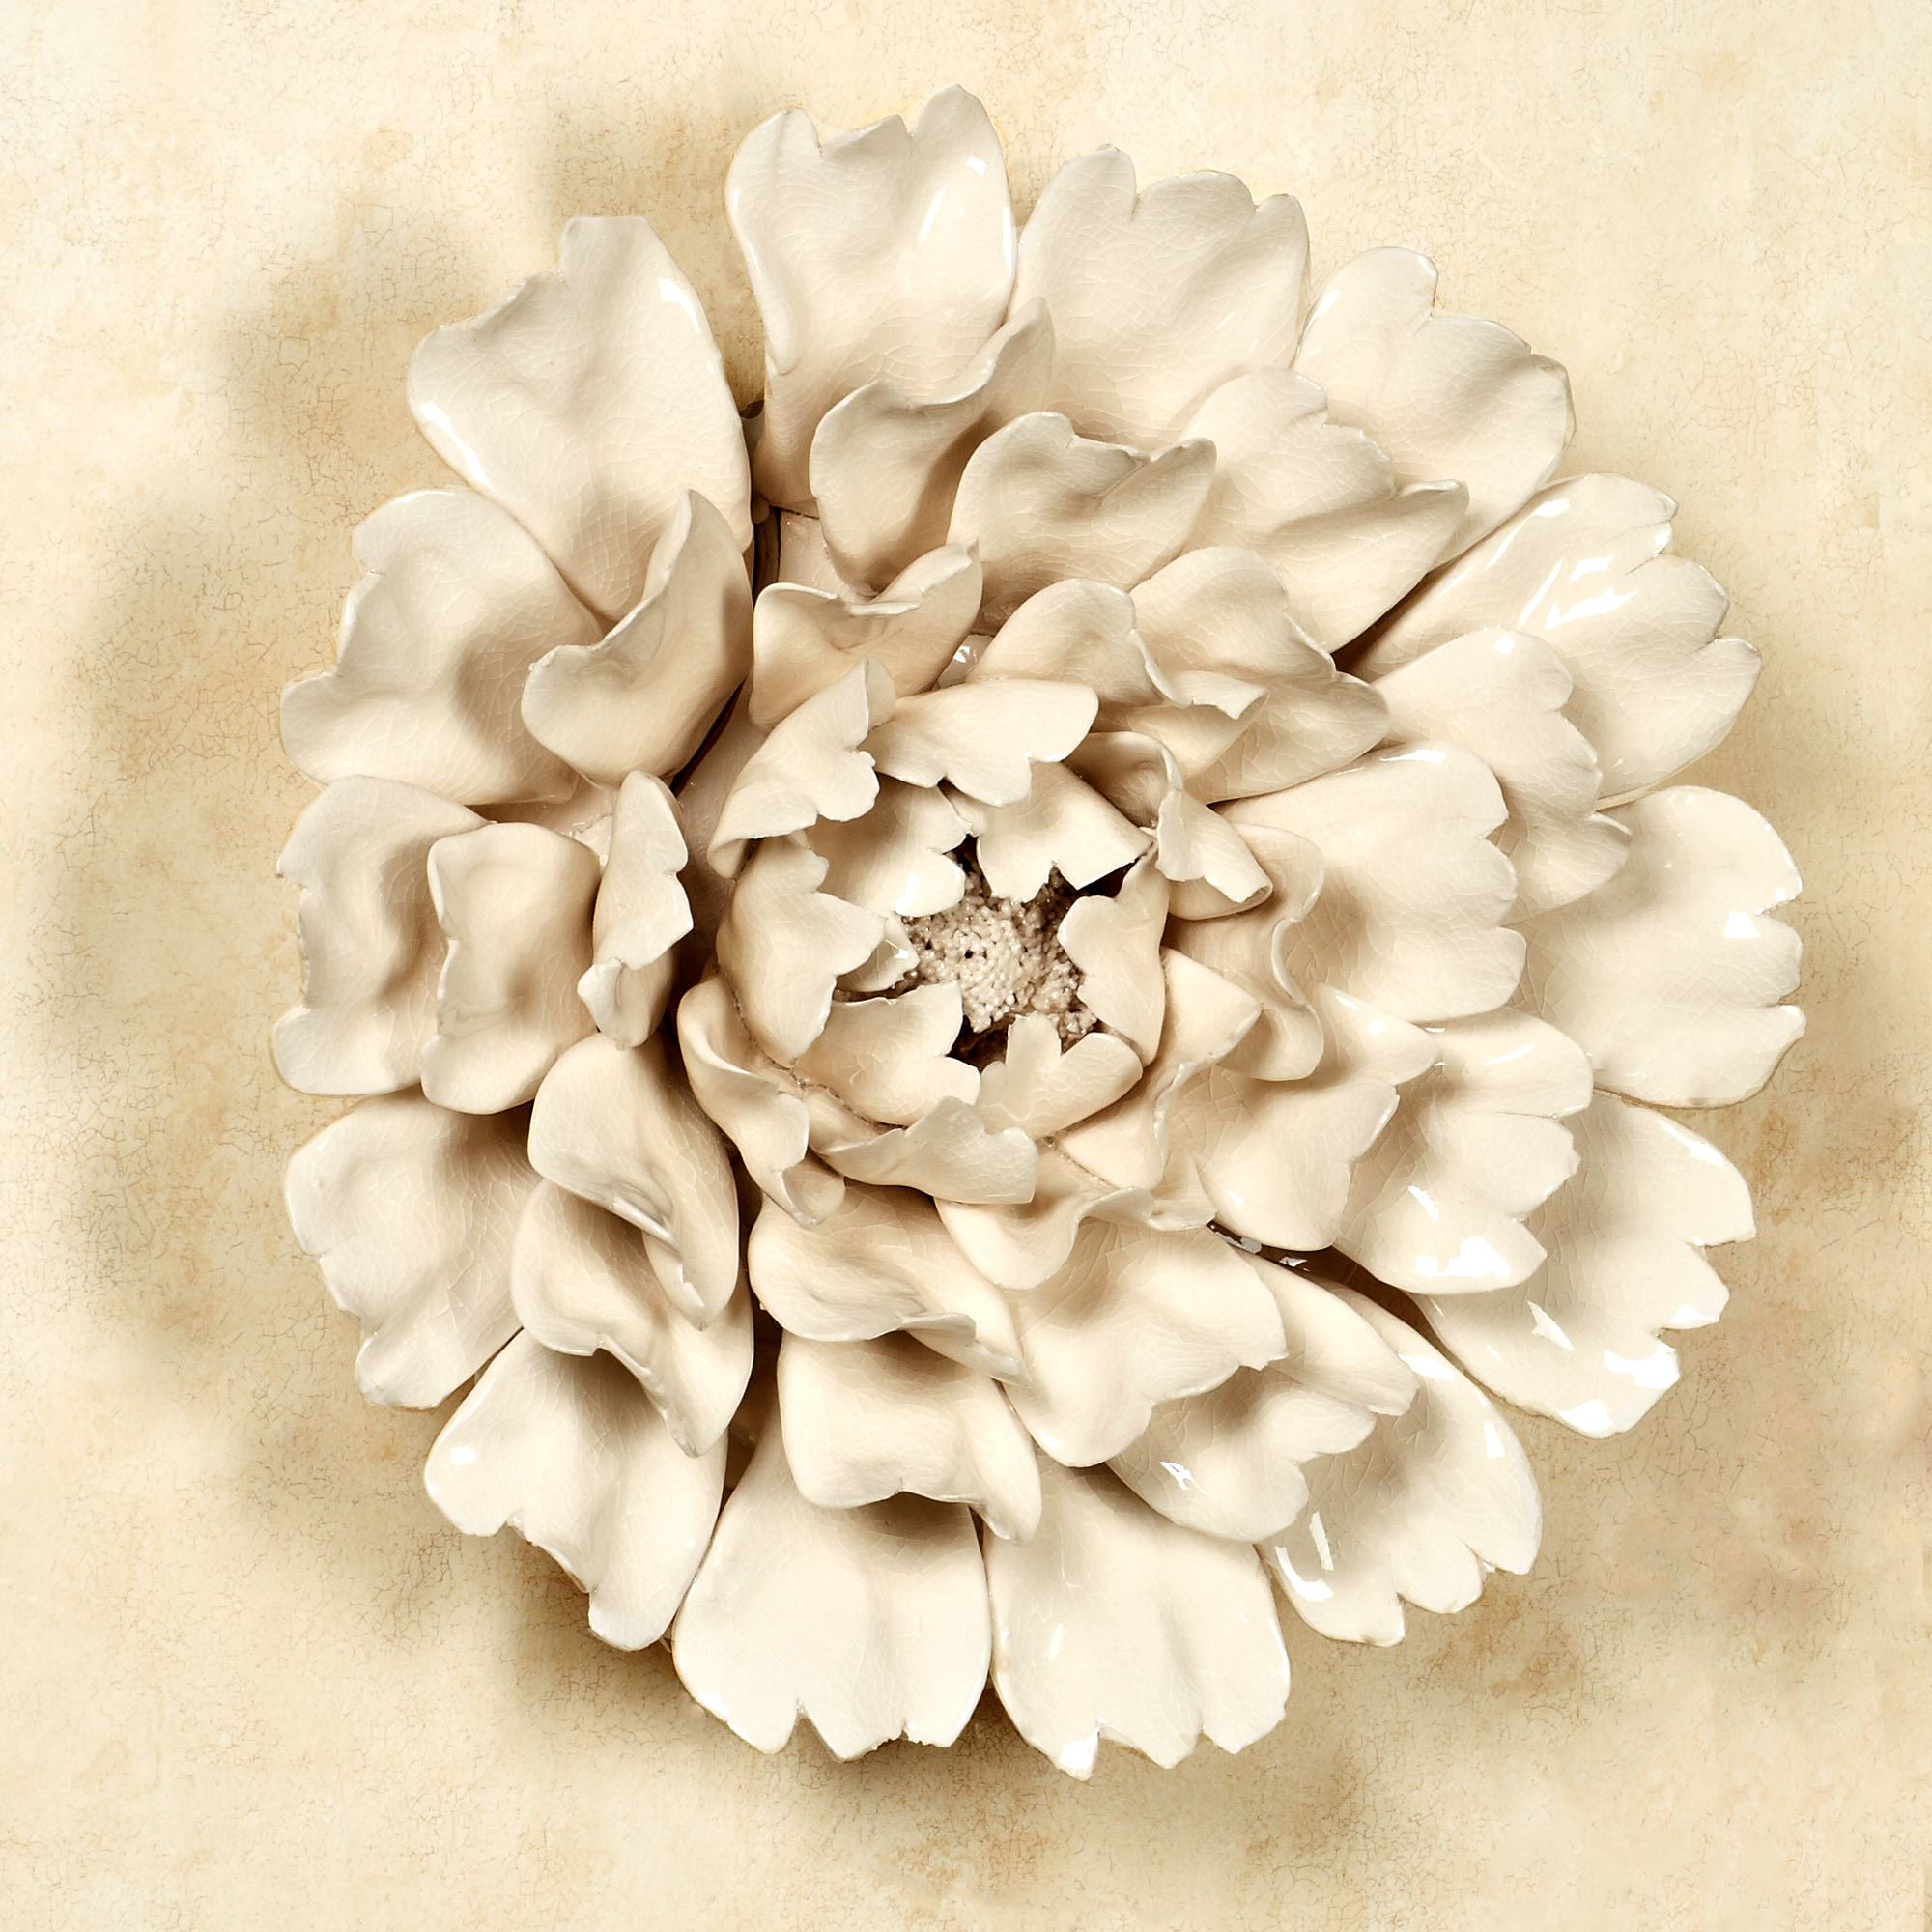 Isabella Ceramic Flower Blossom Wall Art